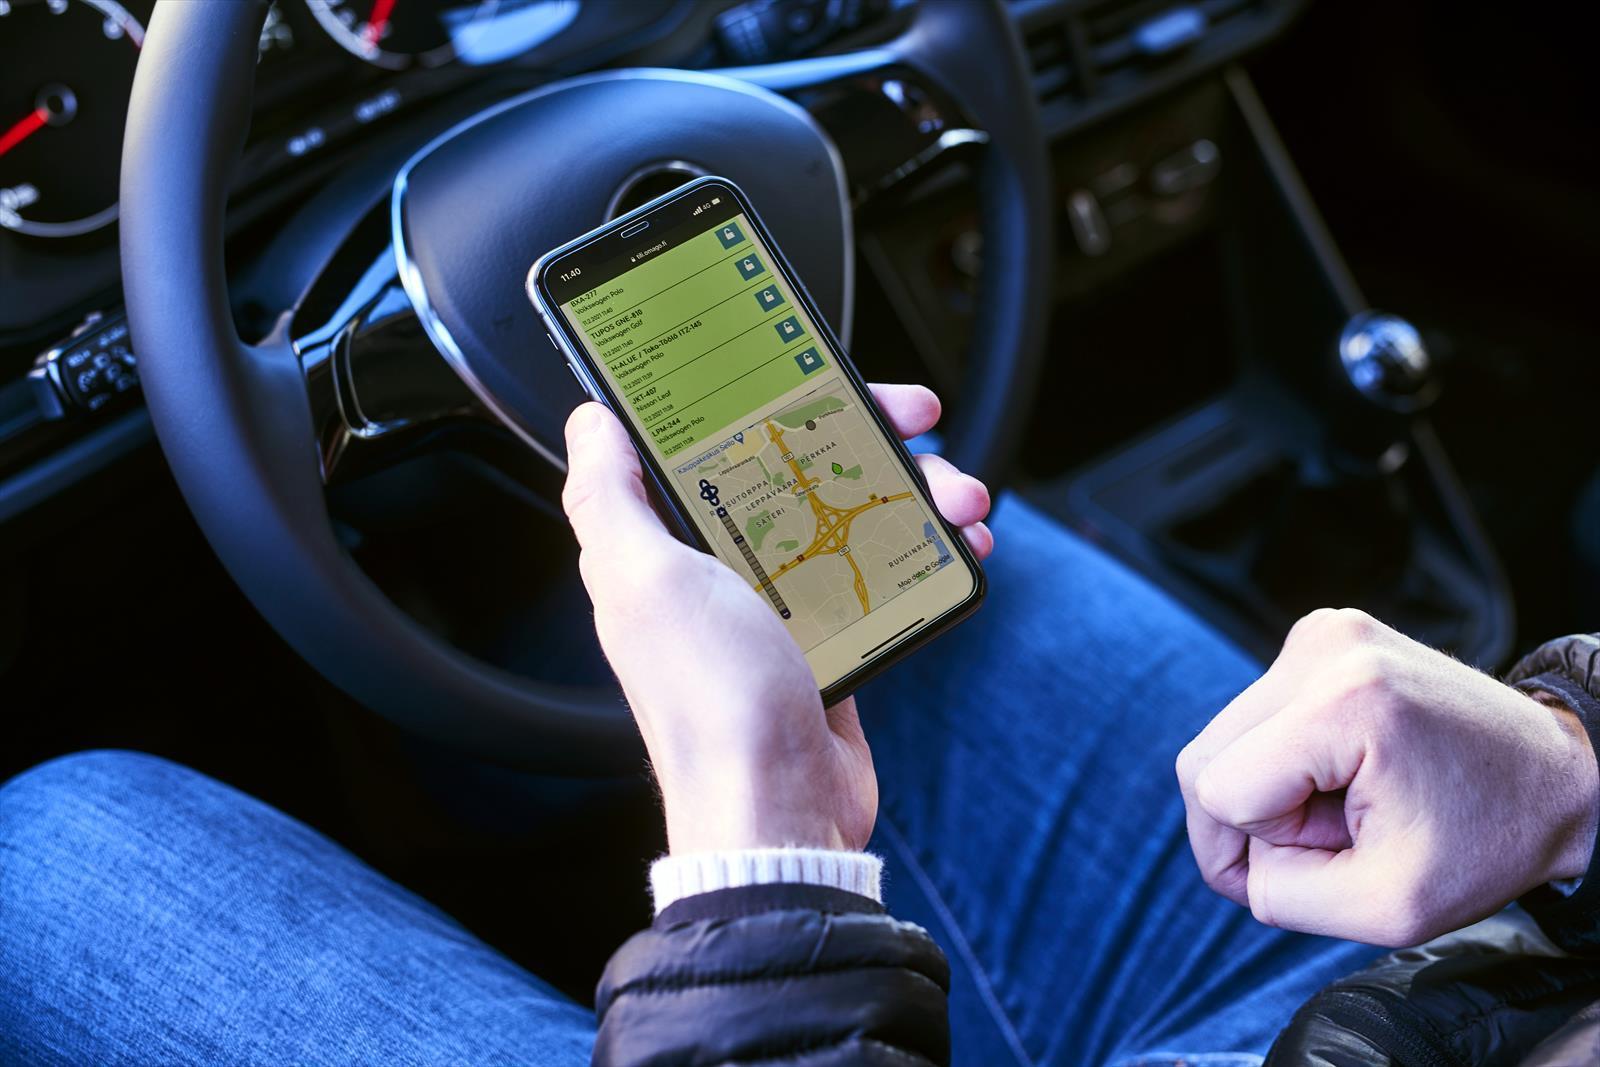 Kuvassa mies pitää kädessä puhelinta, jossa on auki liikennesovellus.